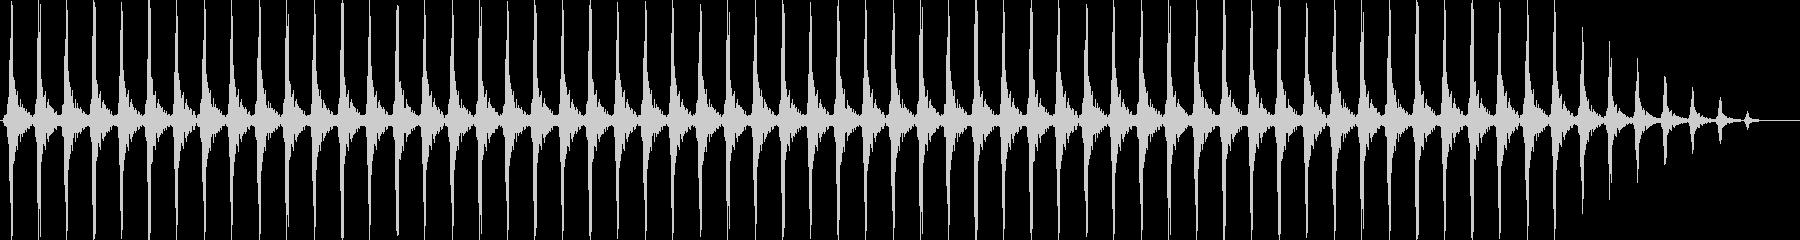 クリスマスの鈴(軽め、テンポ速い)の未再生の波形